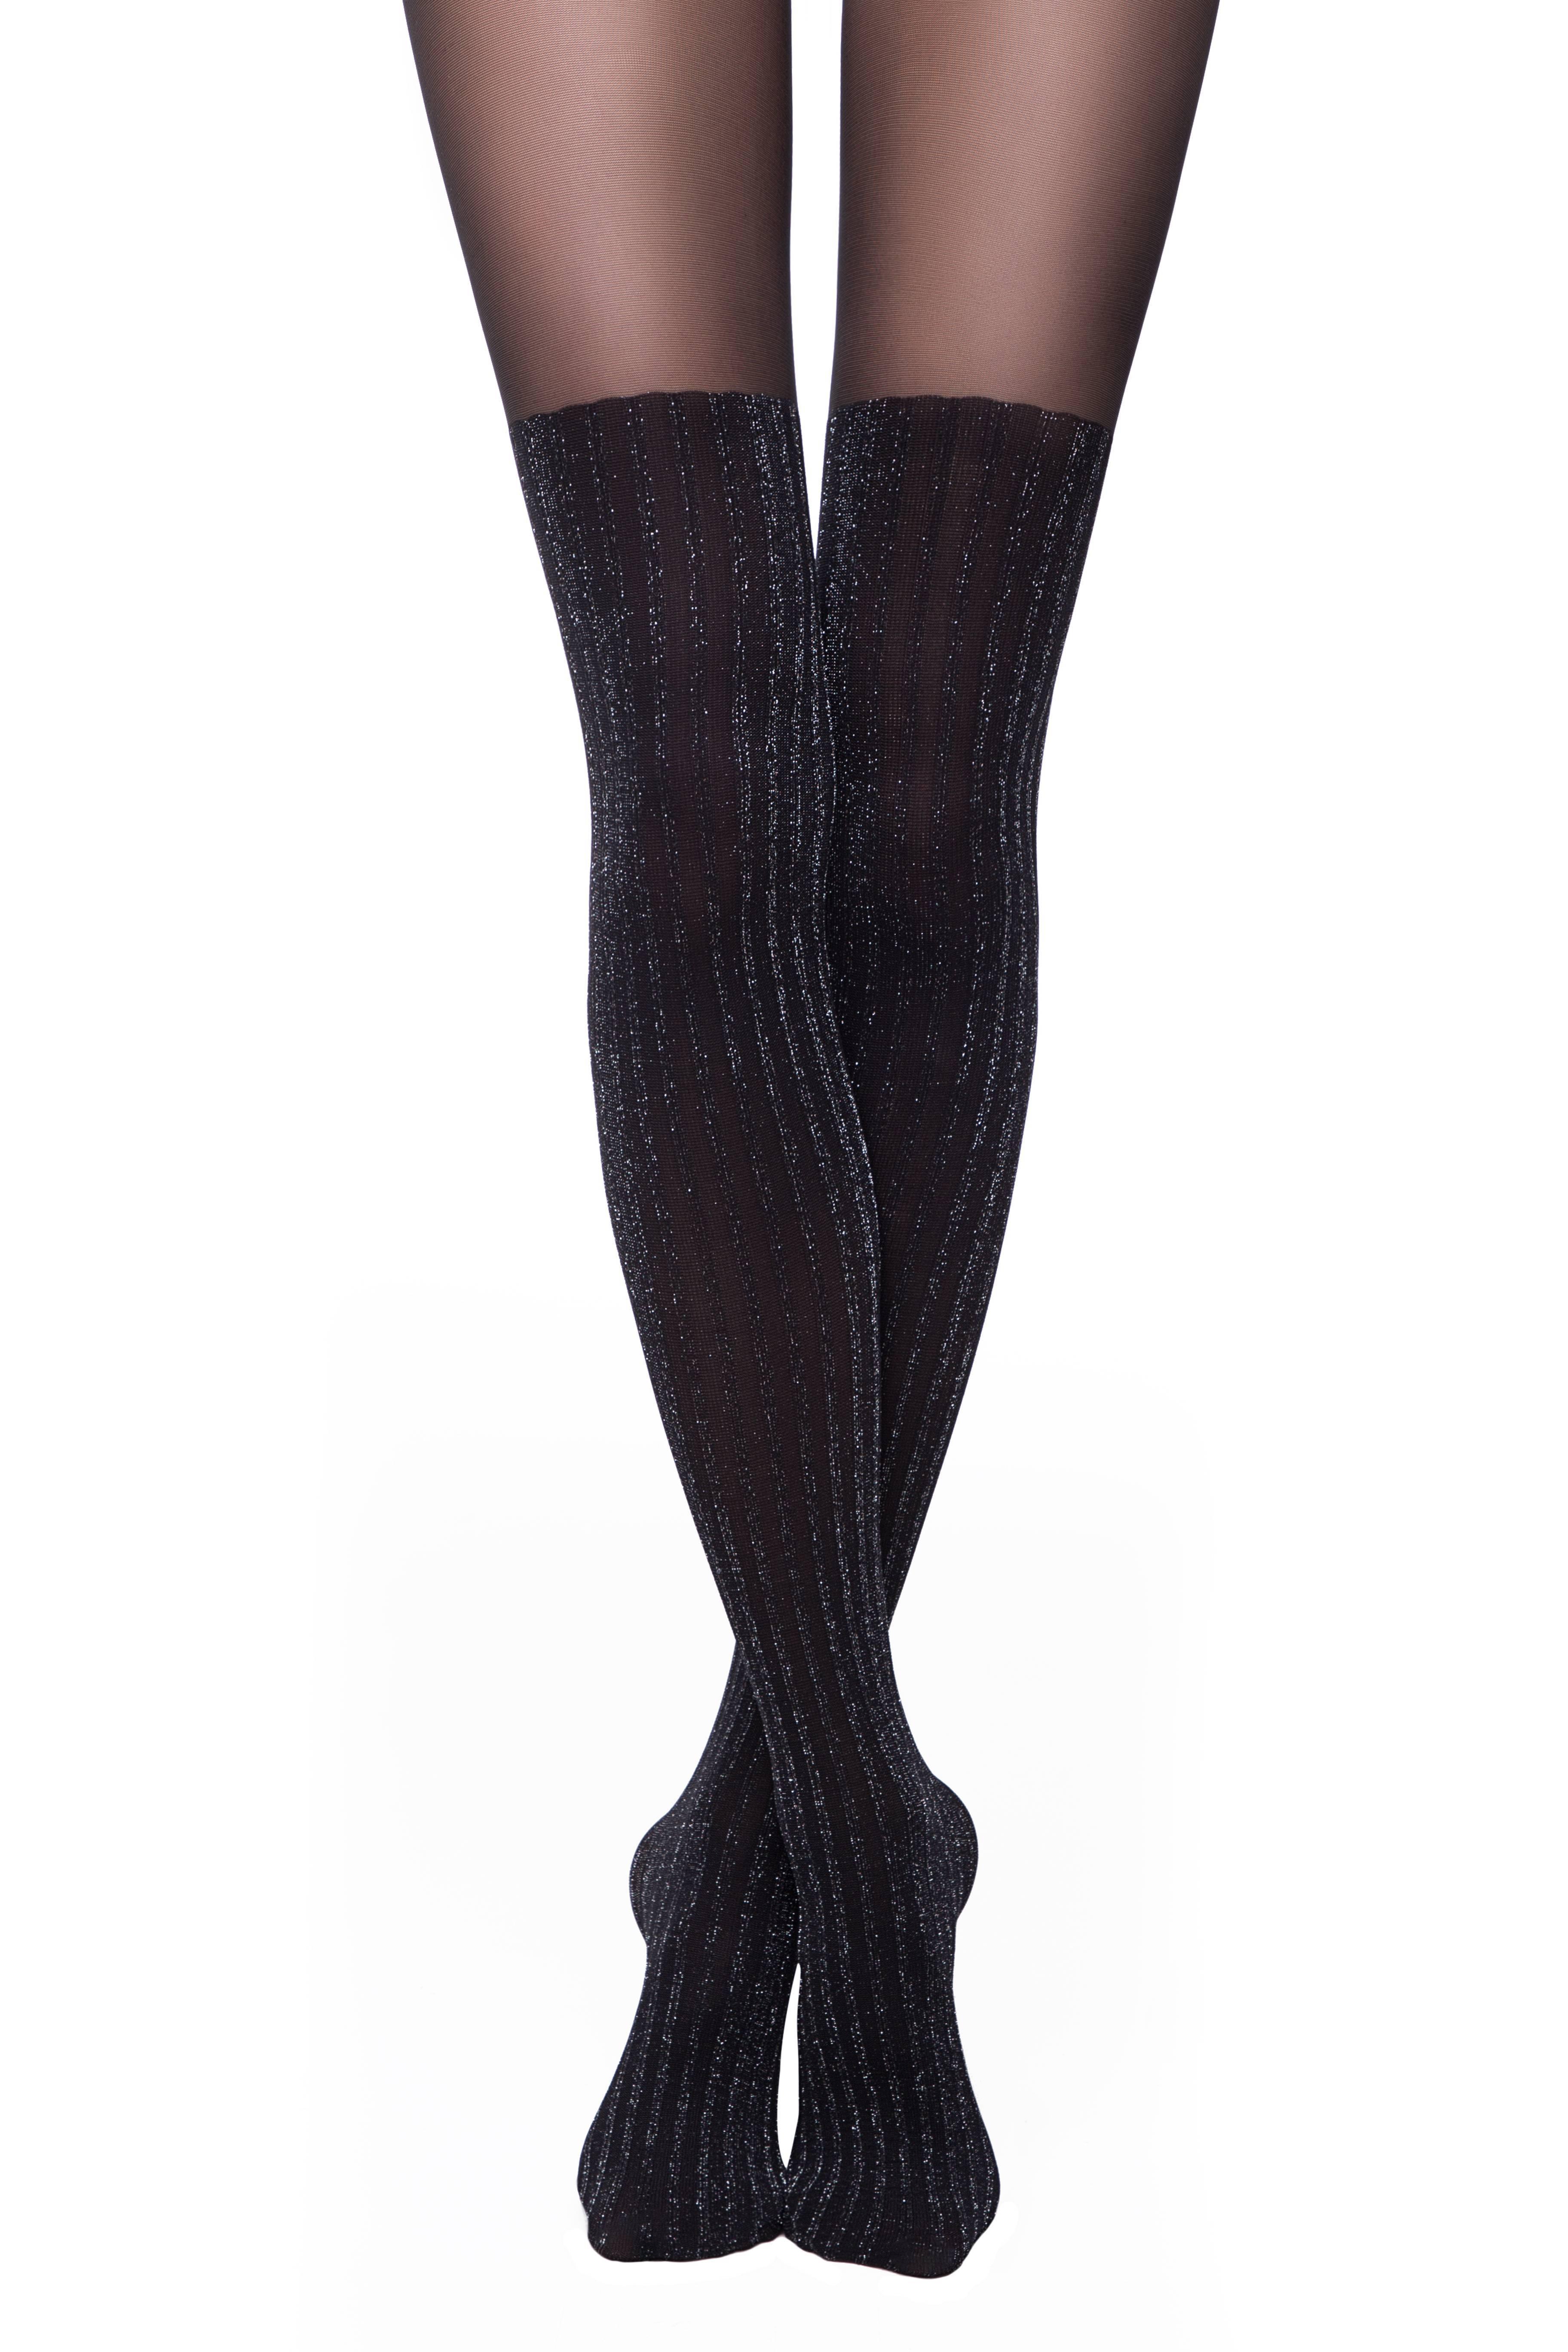 Колготки женские ⭐️ Колготки с имитацией чулок с блестящими полосками DIOS Lycra® ⭐️